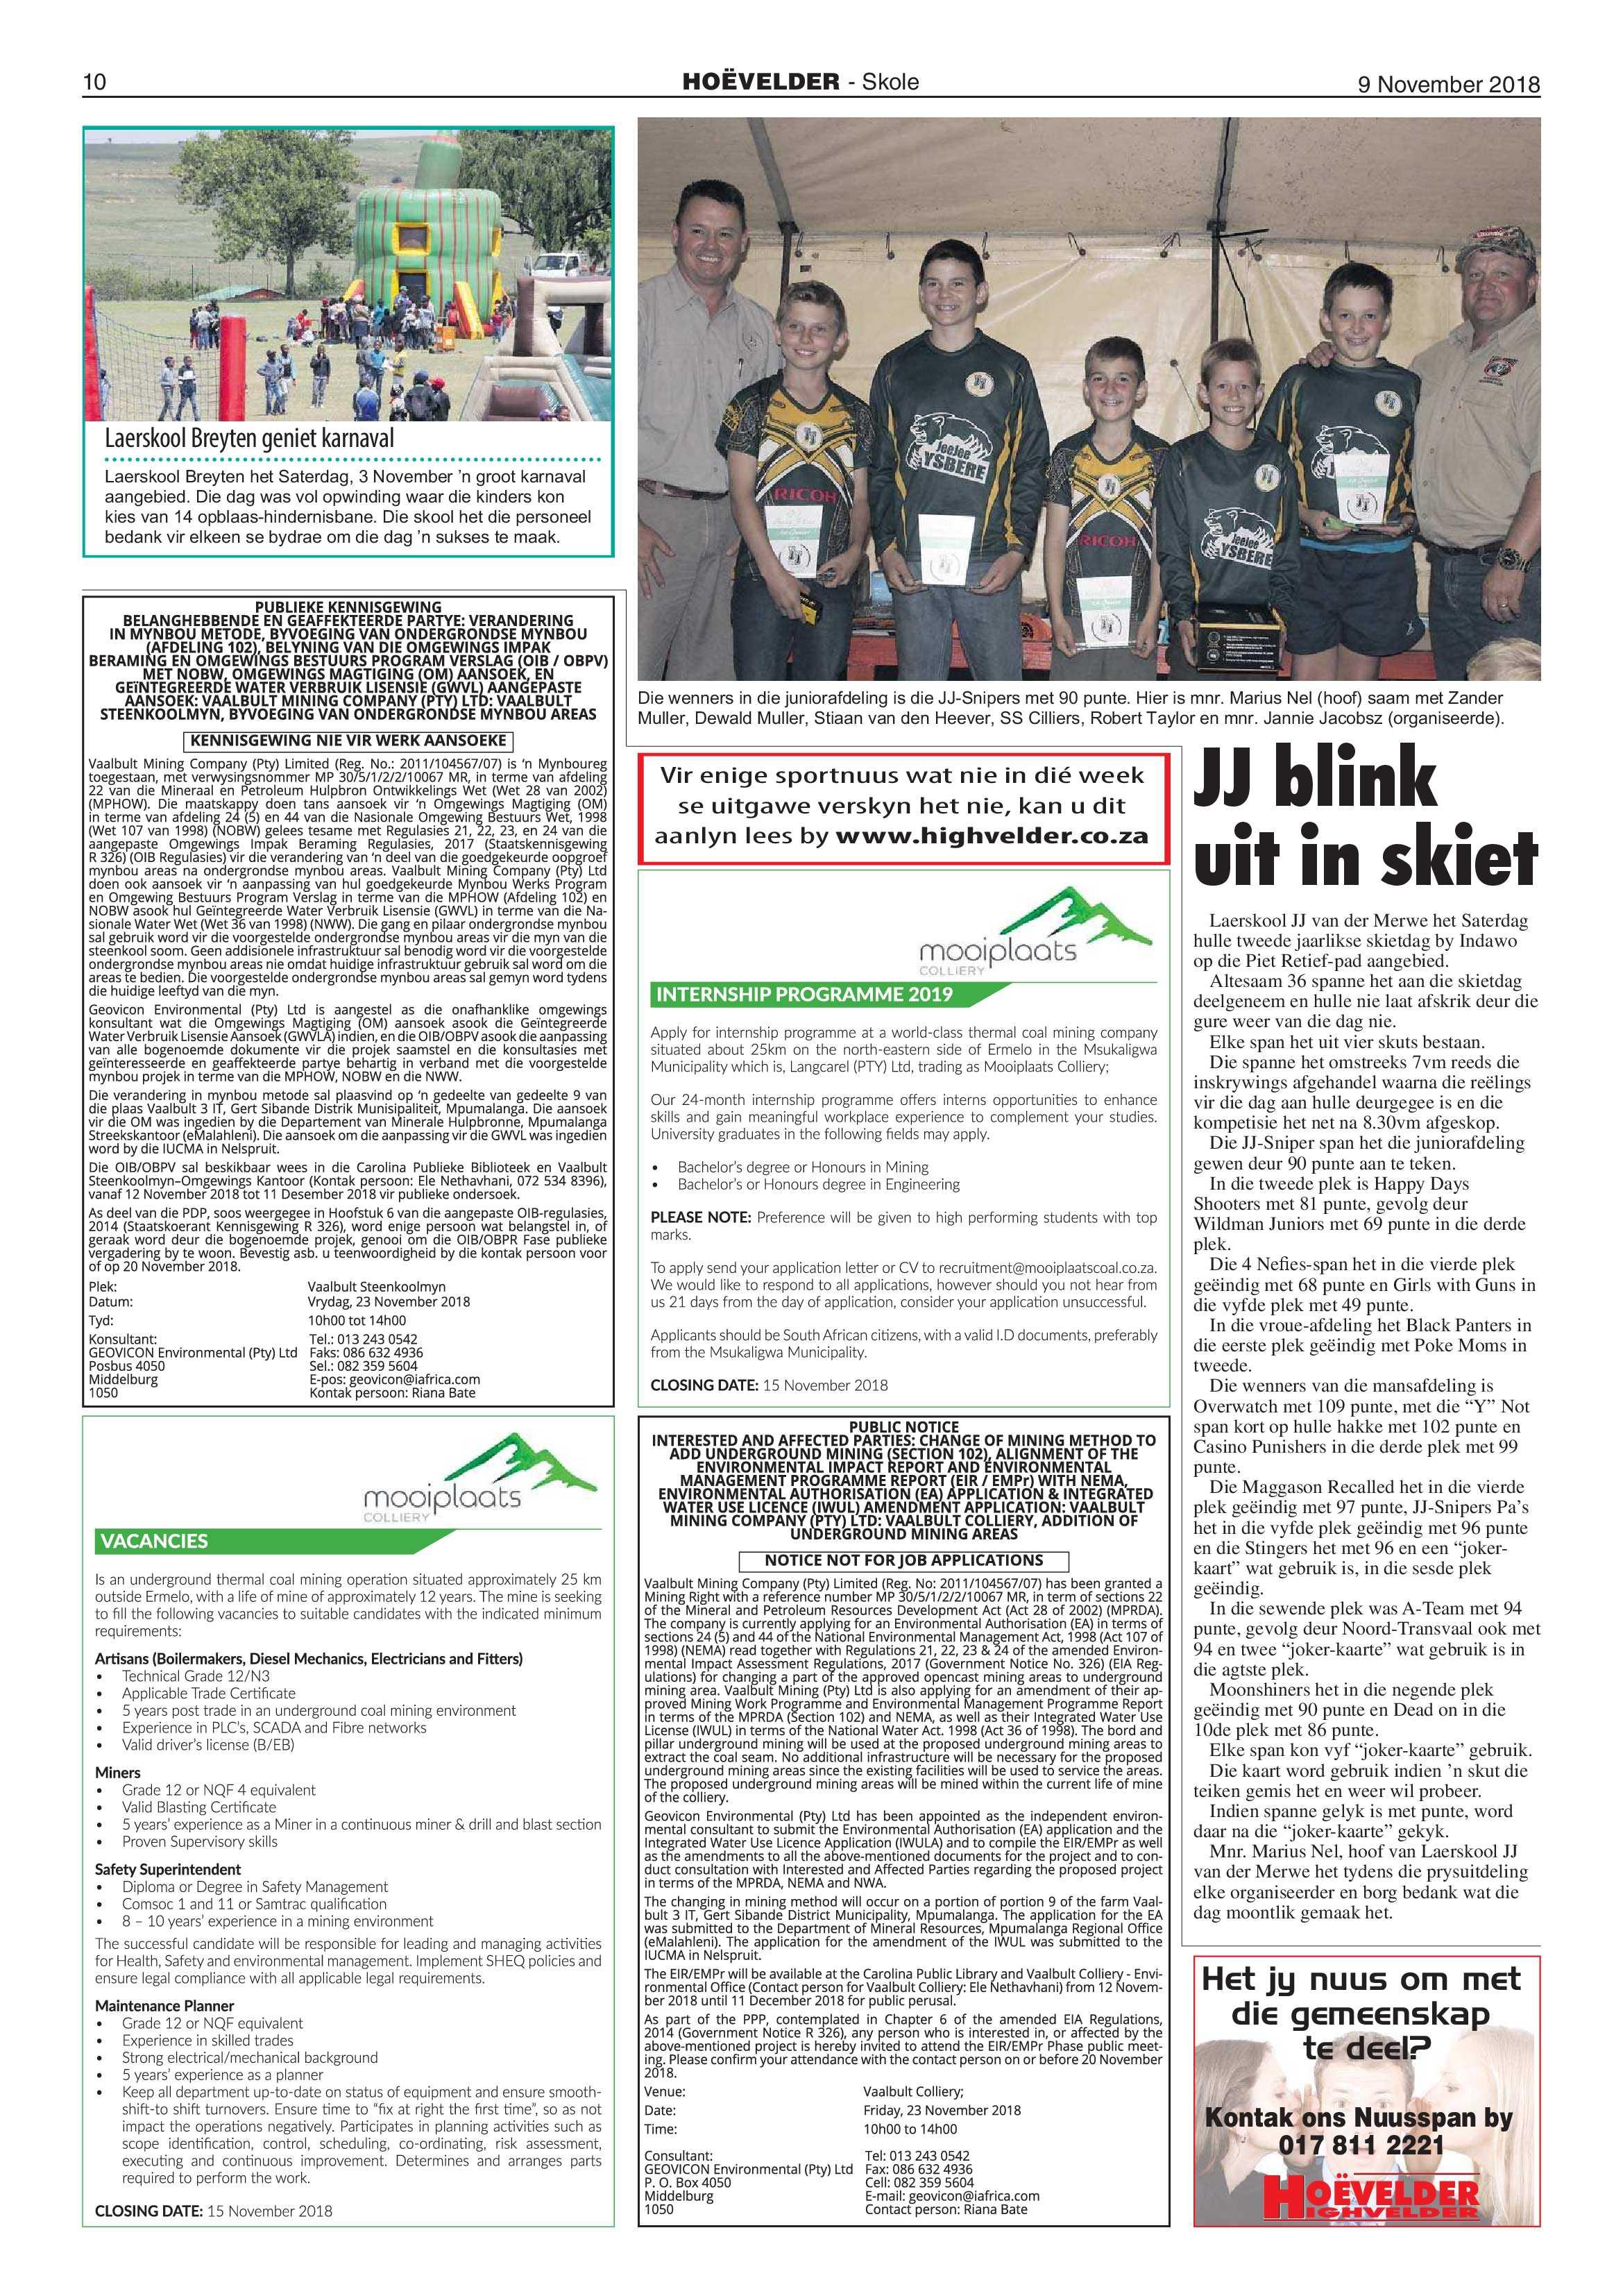 highvelder-09-november-2018-epapers-page-10